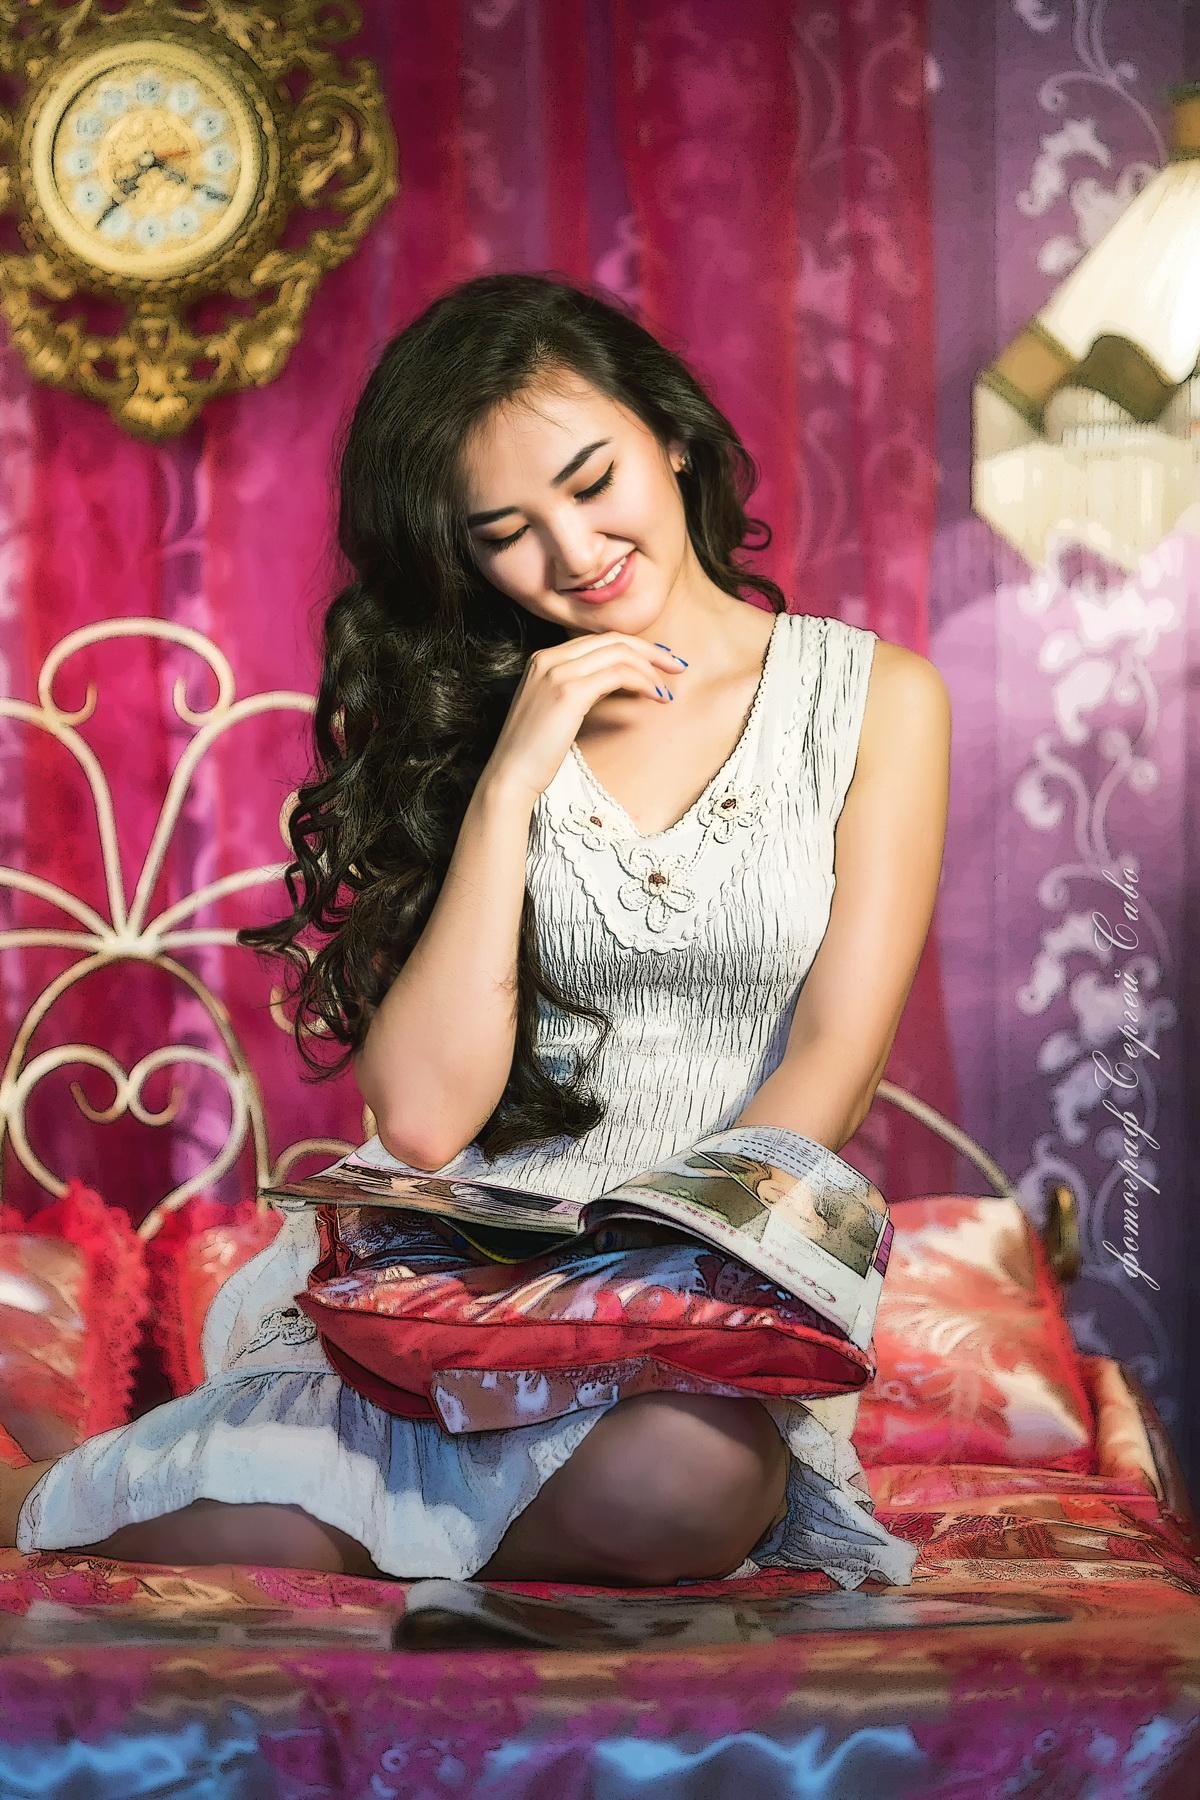 Фотосессия девушки с журналом